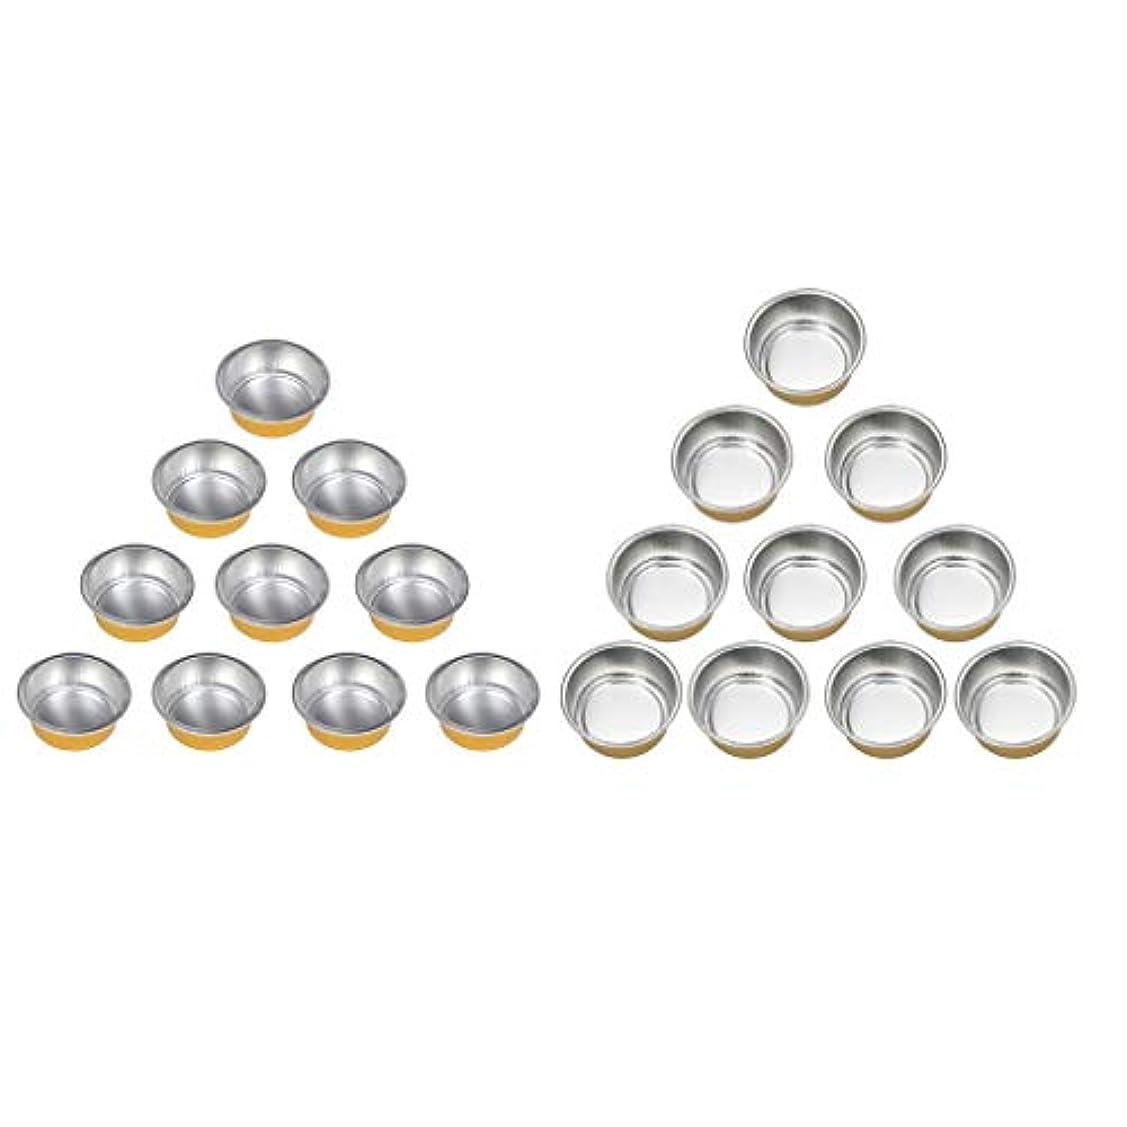 オフェンス追跡キャンバスchiwanji ワックスヒーターマシンのための20個のホットアルミ箔ワックス溶融マグカップボウルポット錫